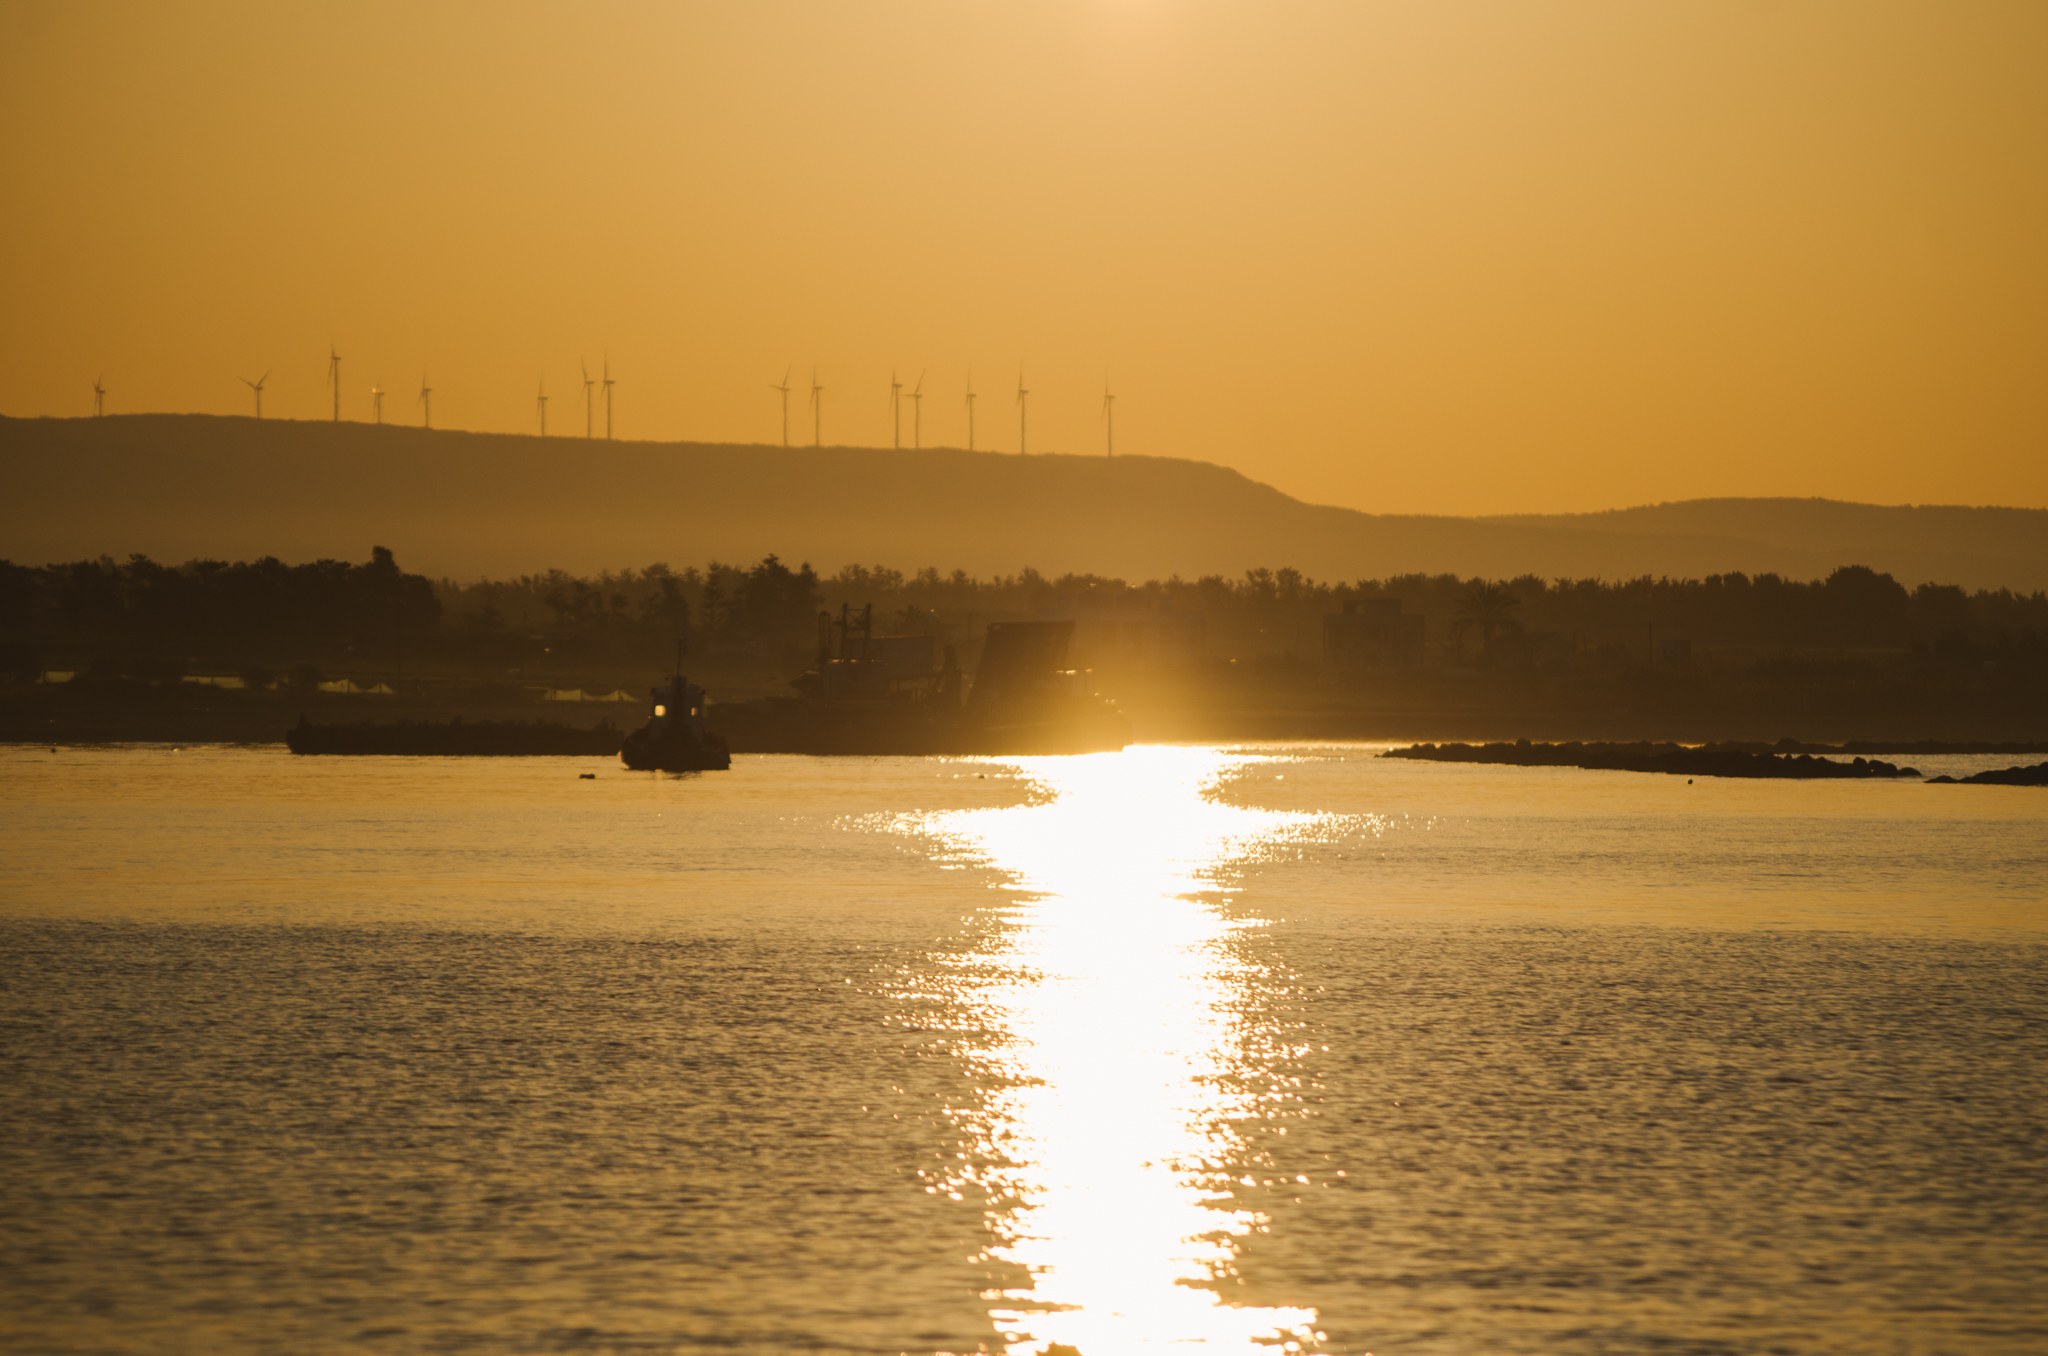 pafos-cypr-wschód-słońca-co-zobaczyć